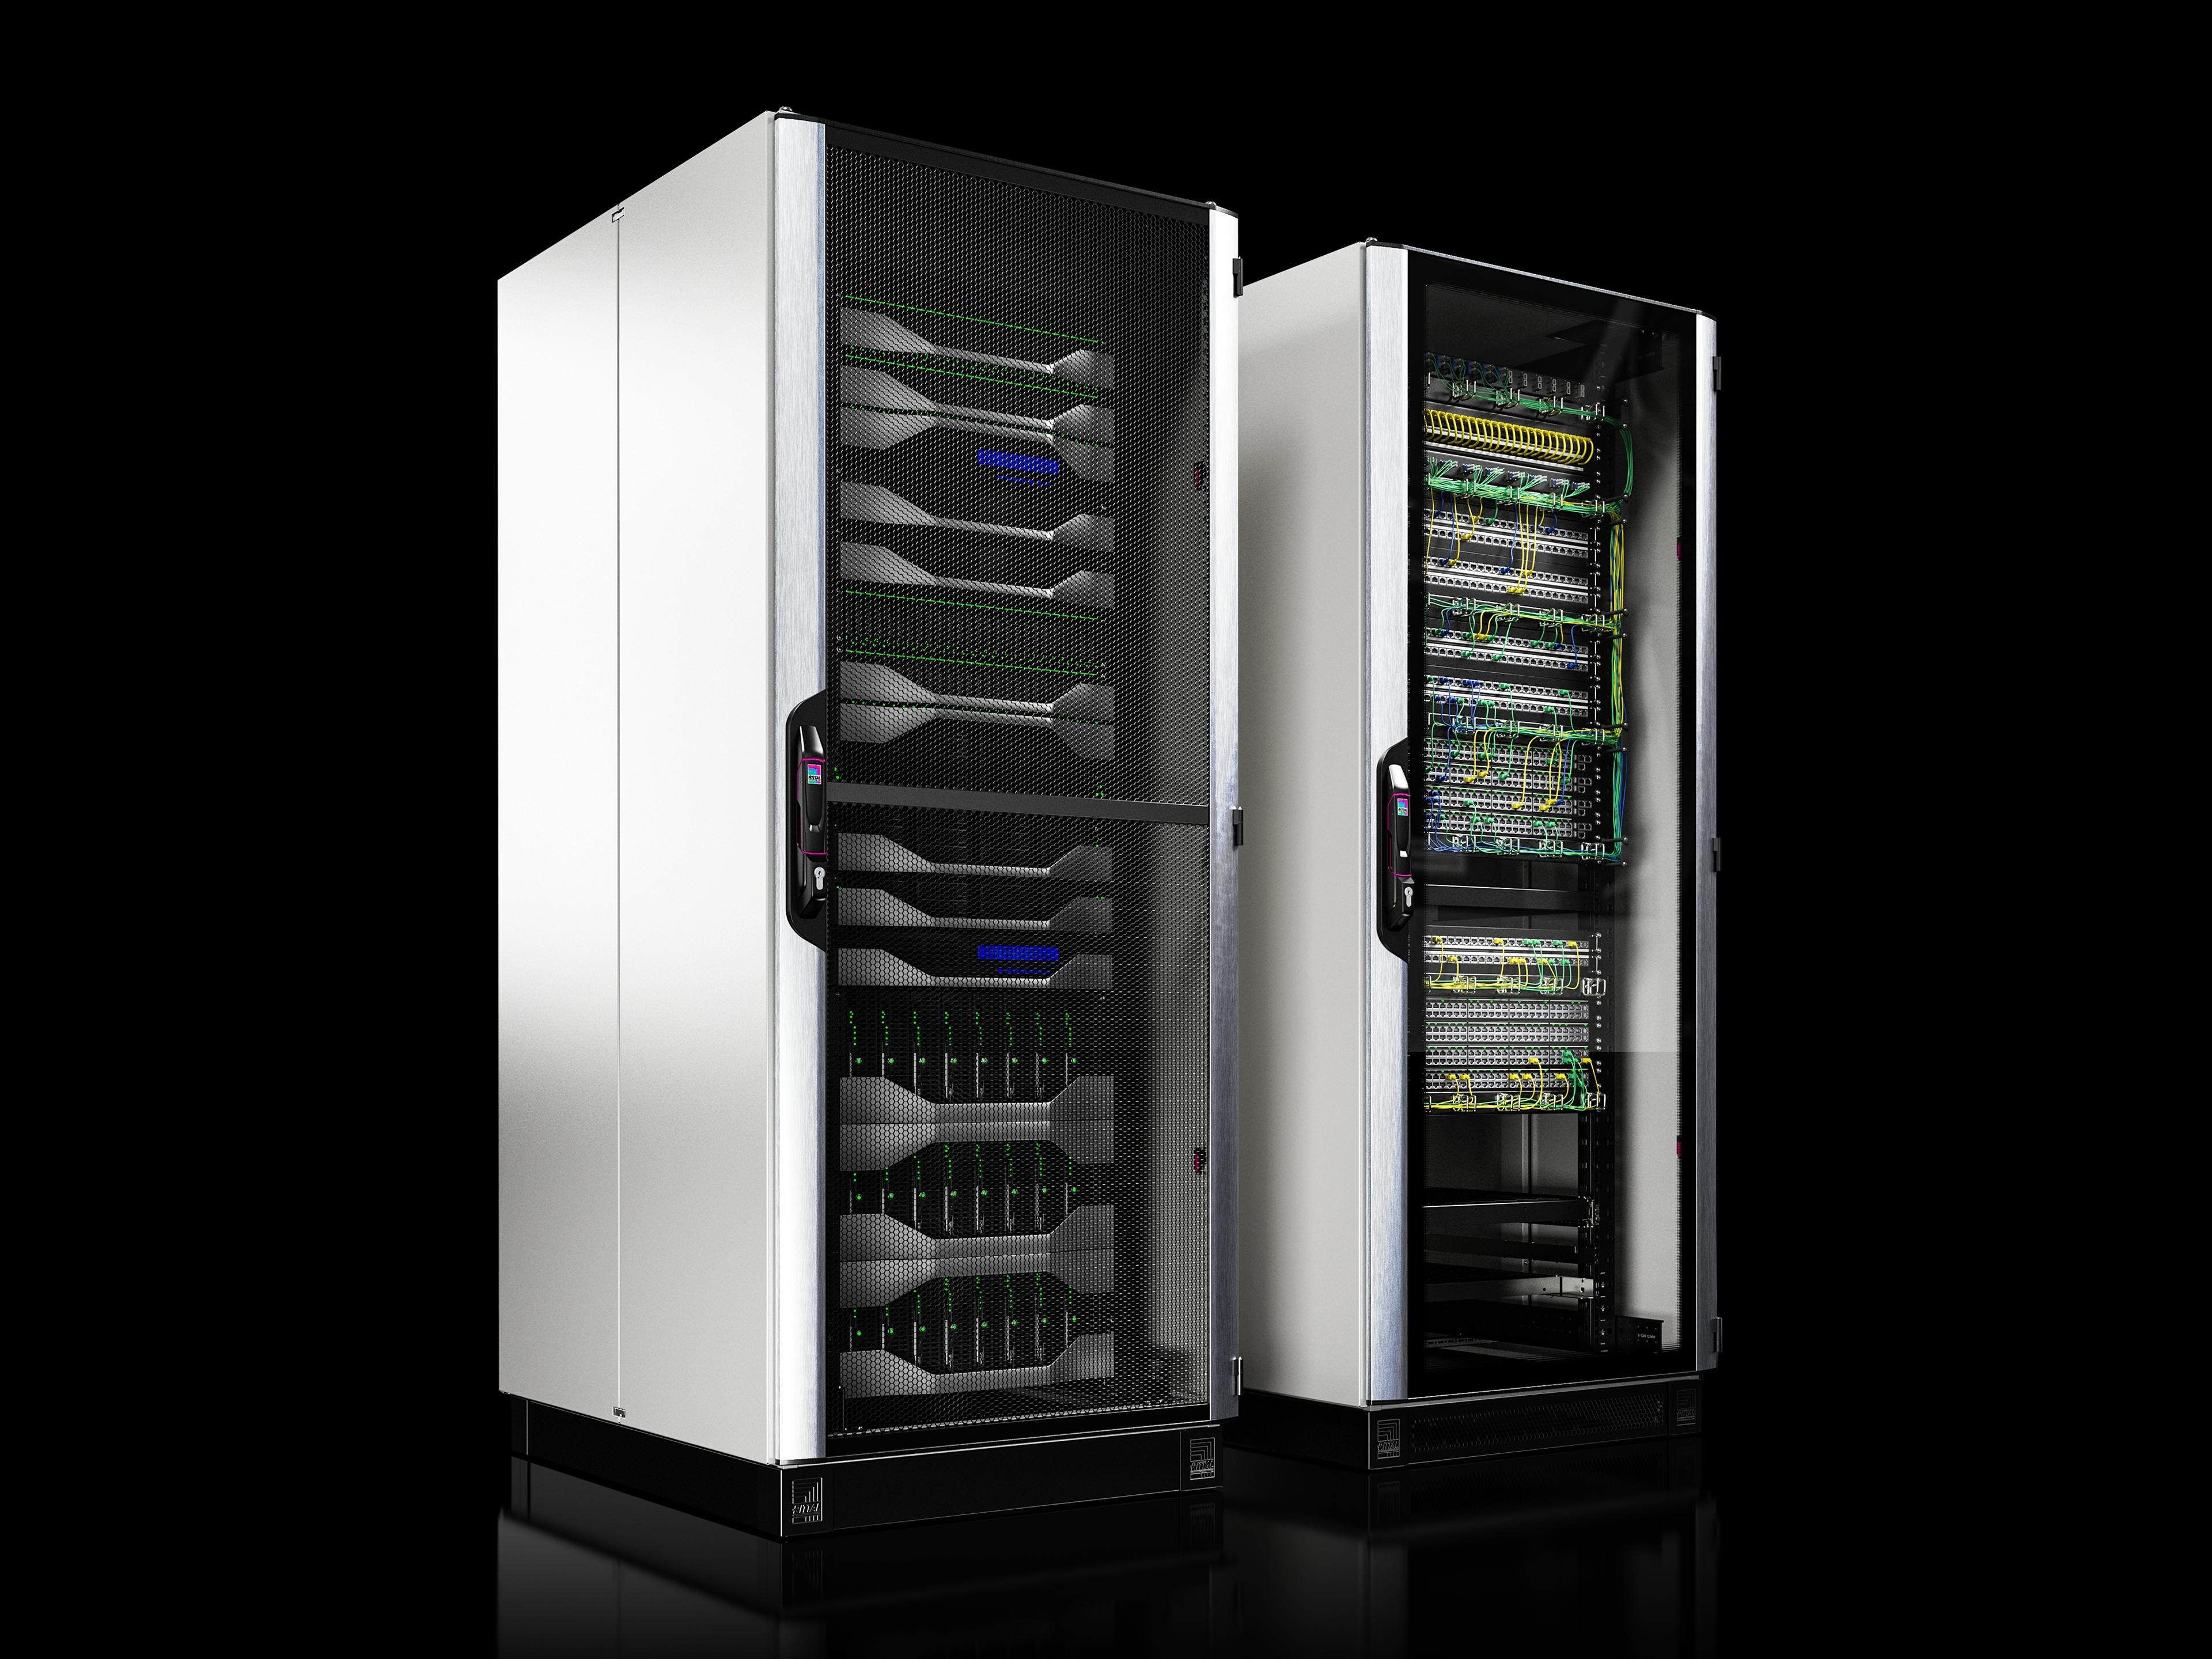 Einzig in seiner Art. VX IT - das schnellste IT-Rack der Welt.